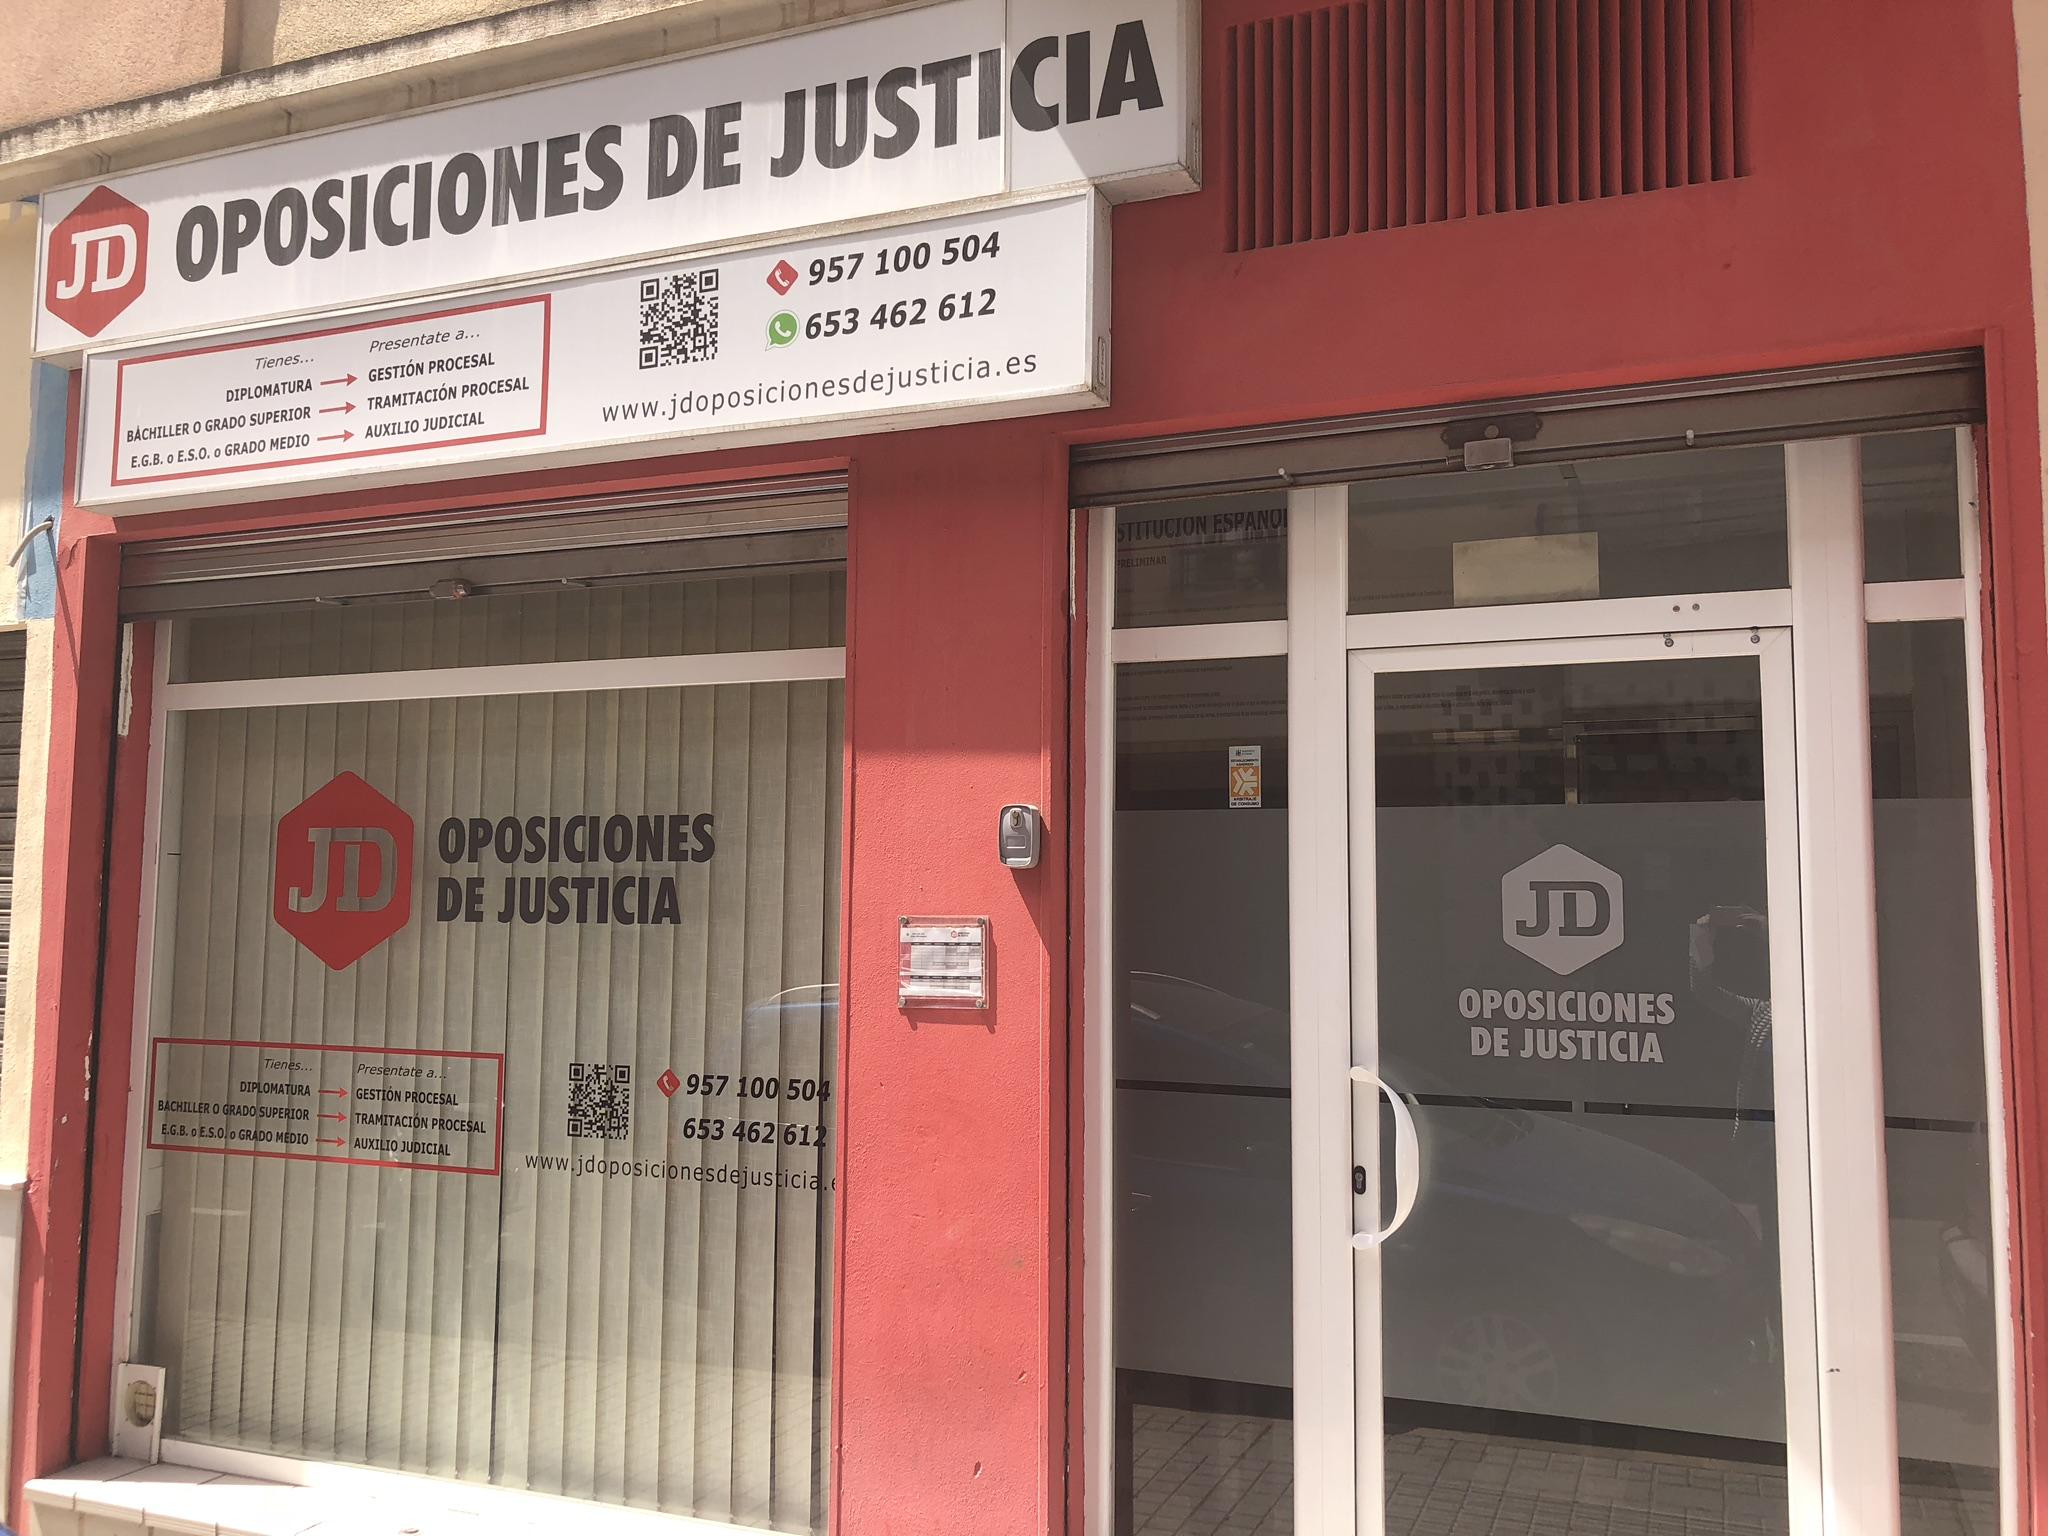 TRAMITACION TURNO LIBRE (OEP 2017-2018) AMBITO CATALUÑA. BOE NUEVAS PLAZAS VACANTES